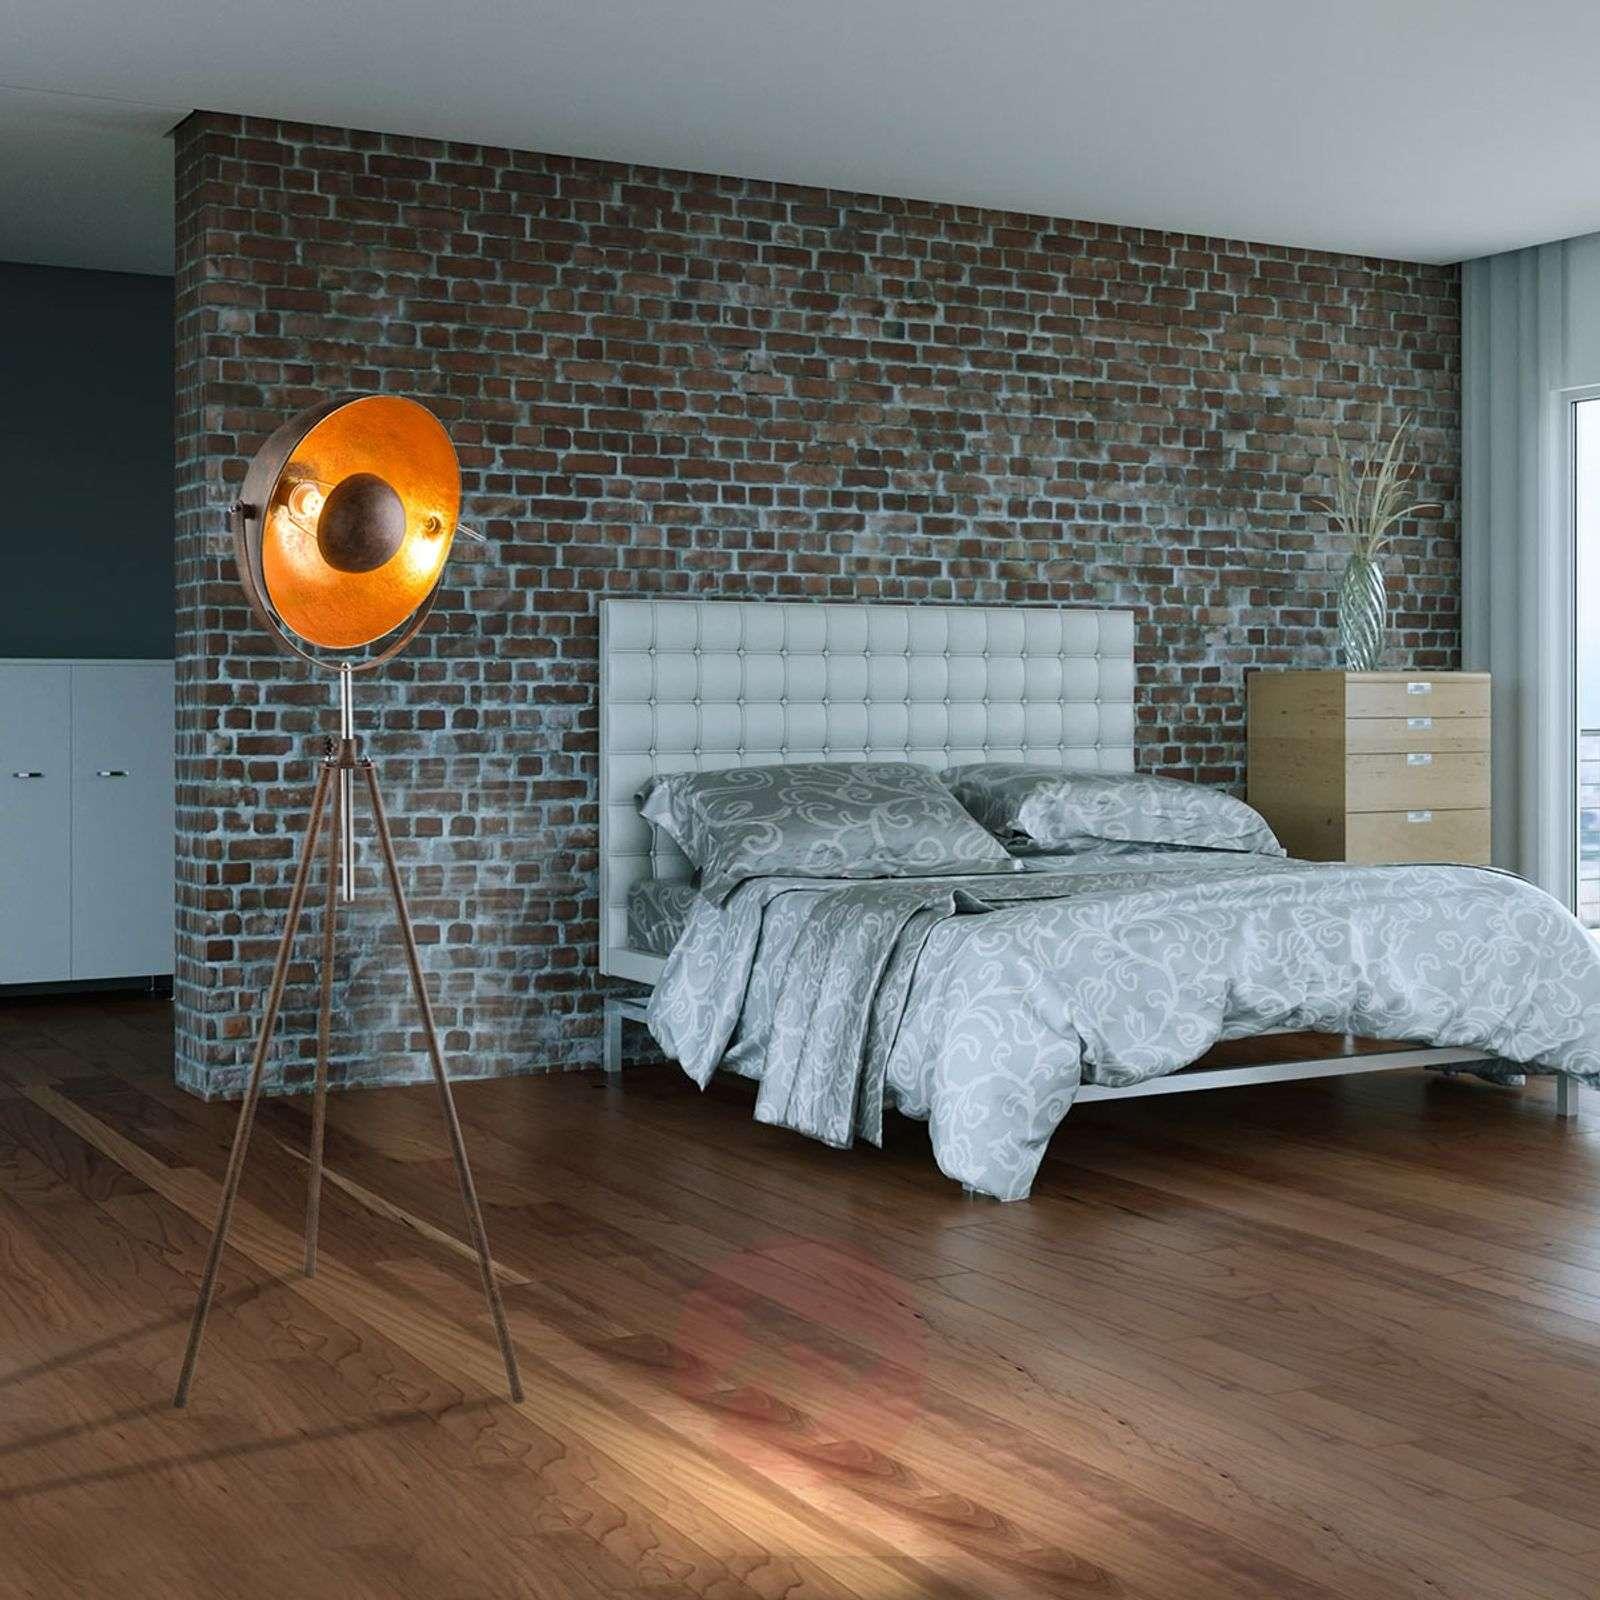 Rust-coloured Xirena I tripod floor lamp-4015067-01